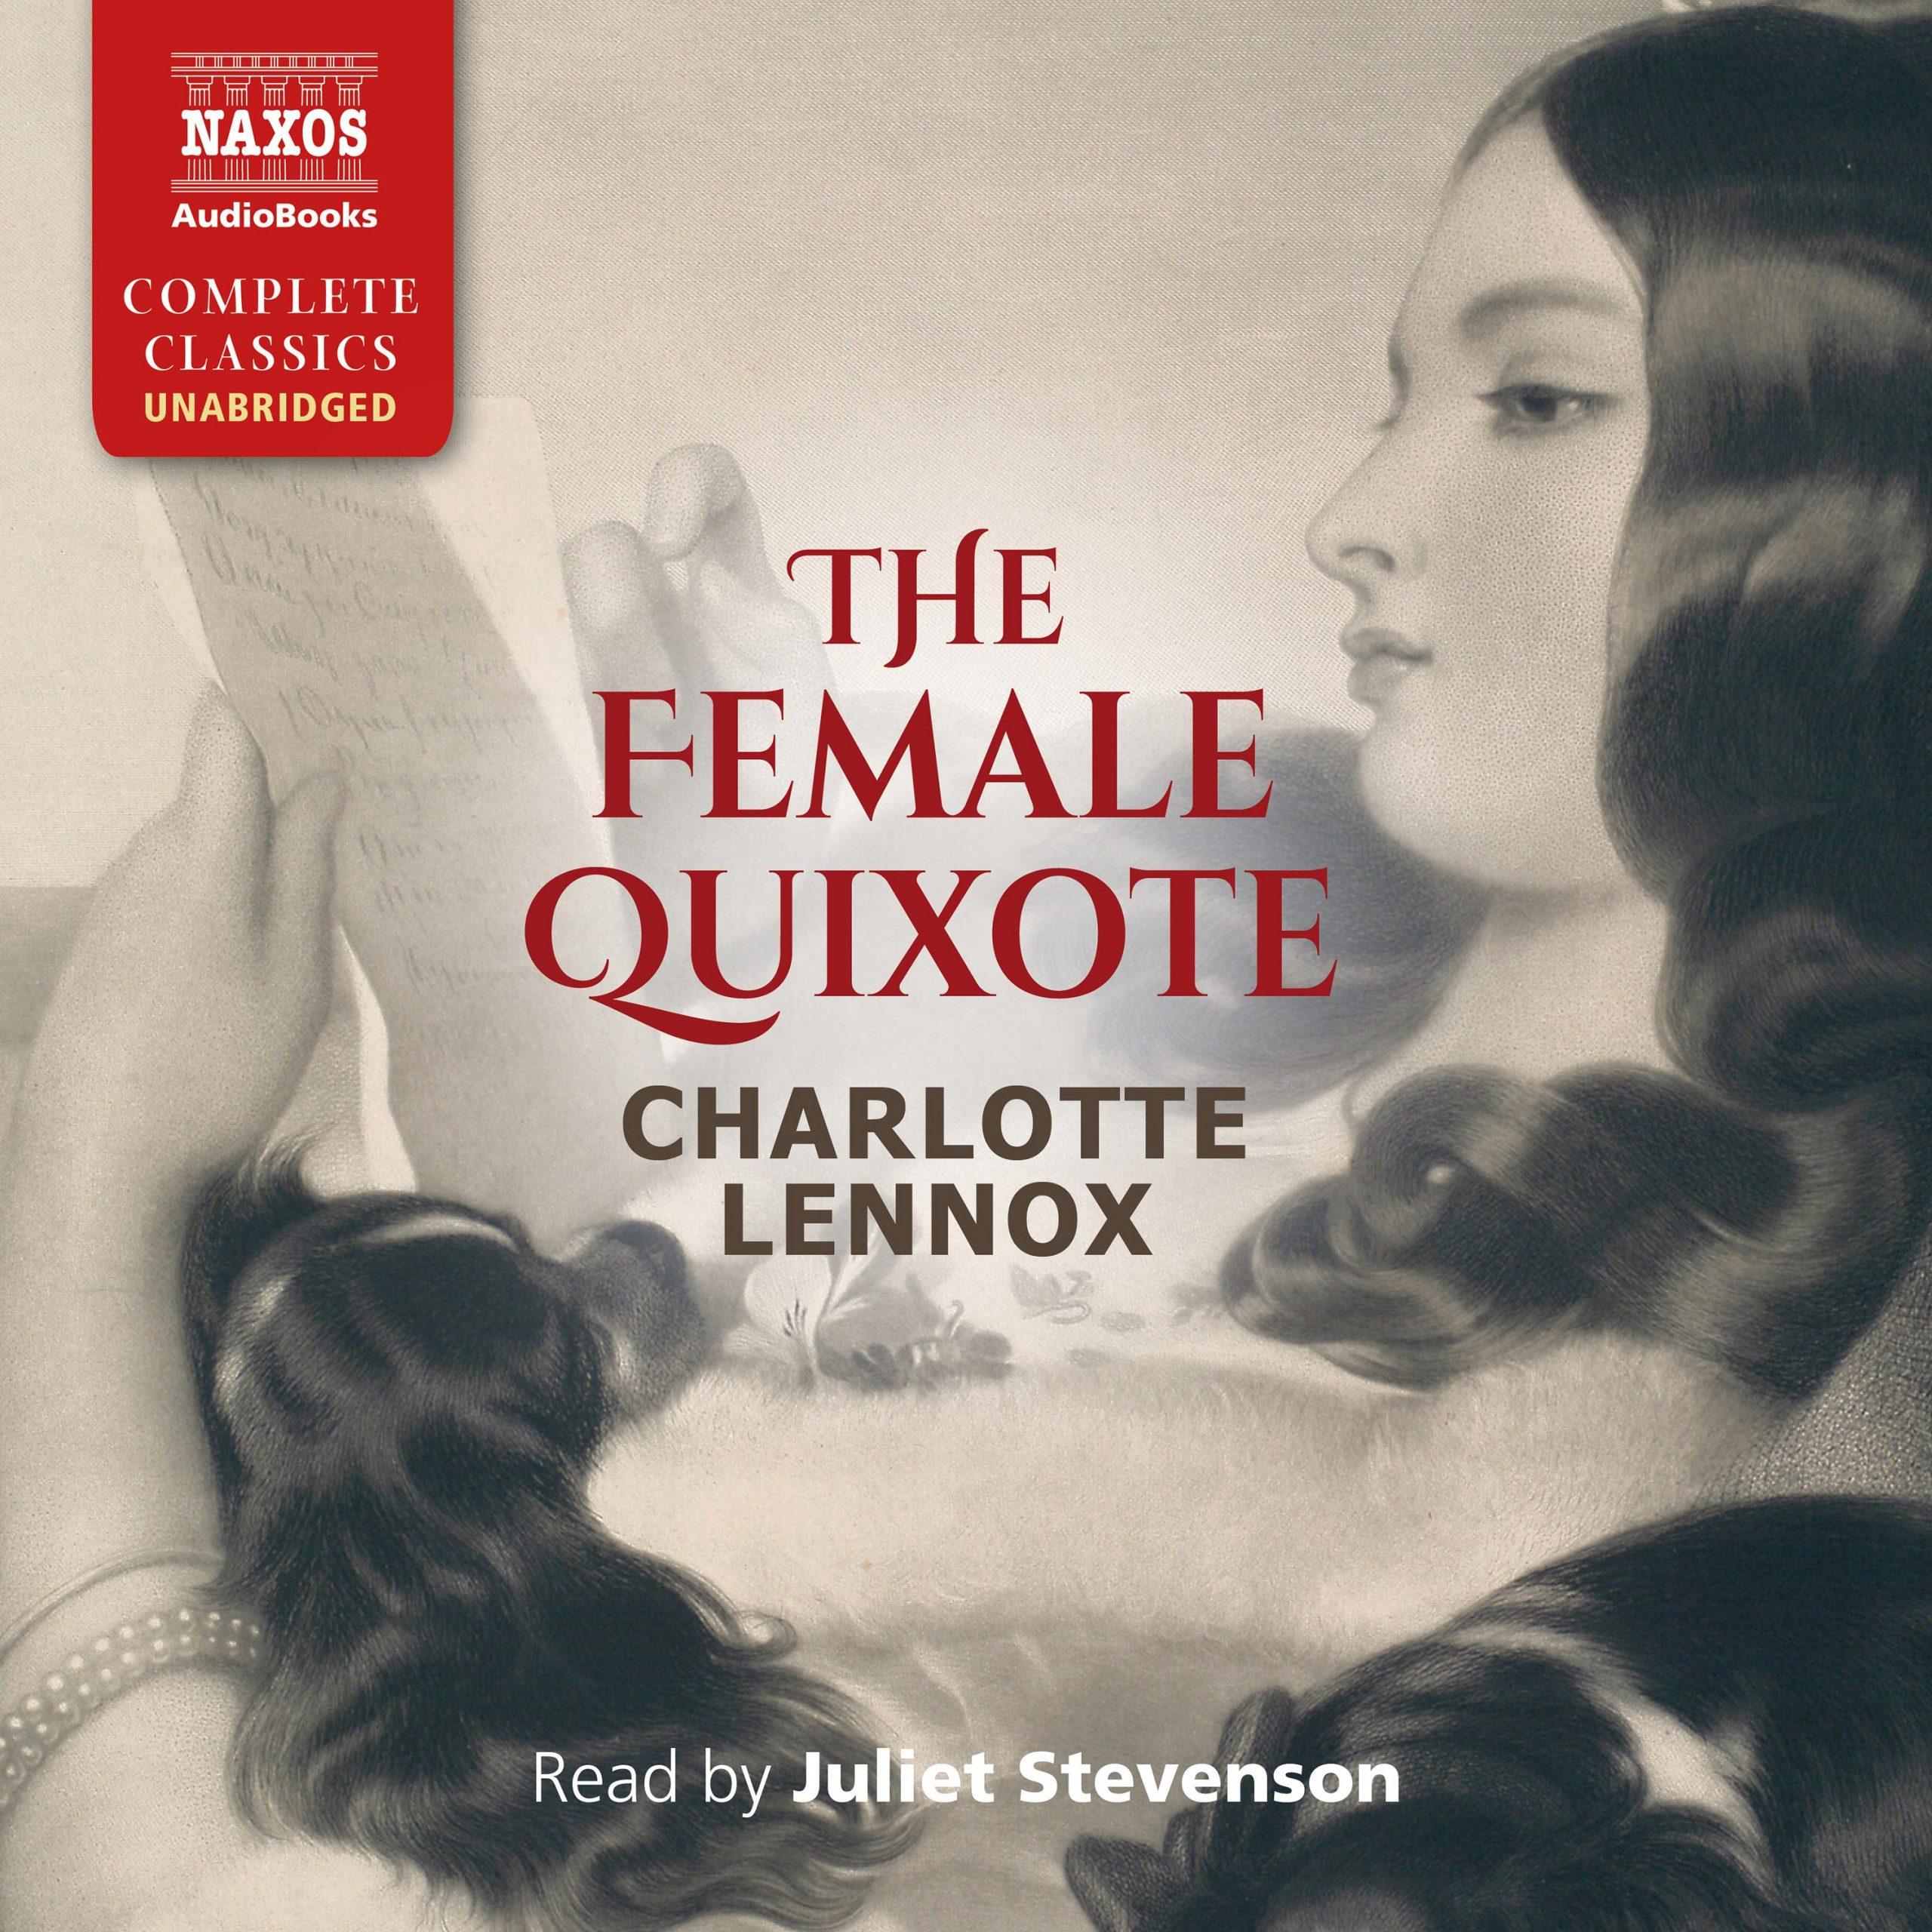 The Female Quixote (unabridged)